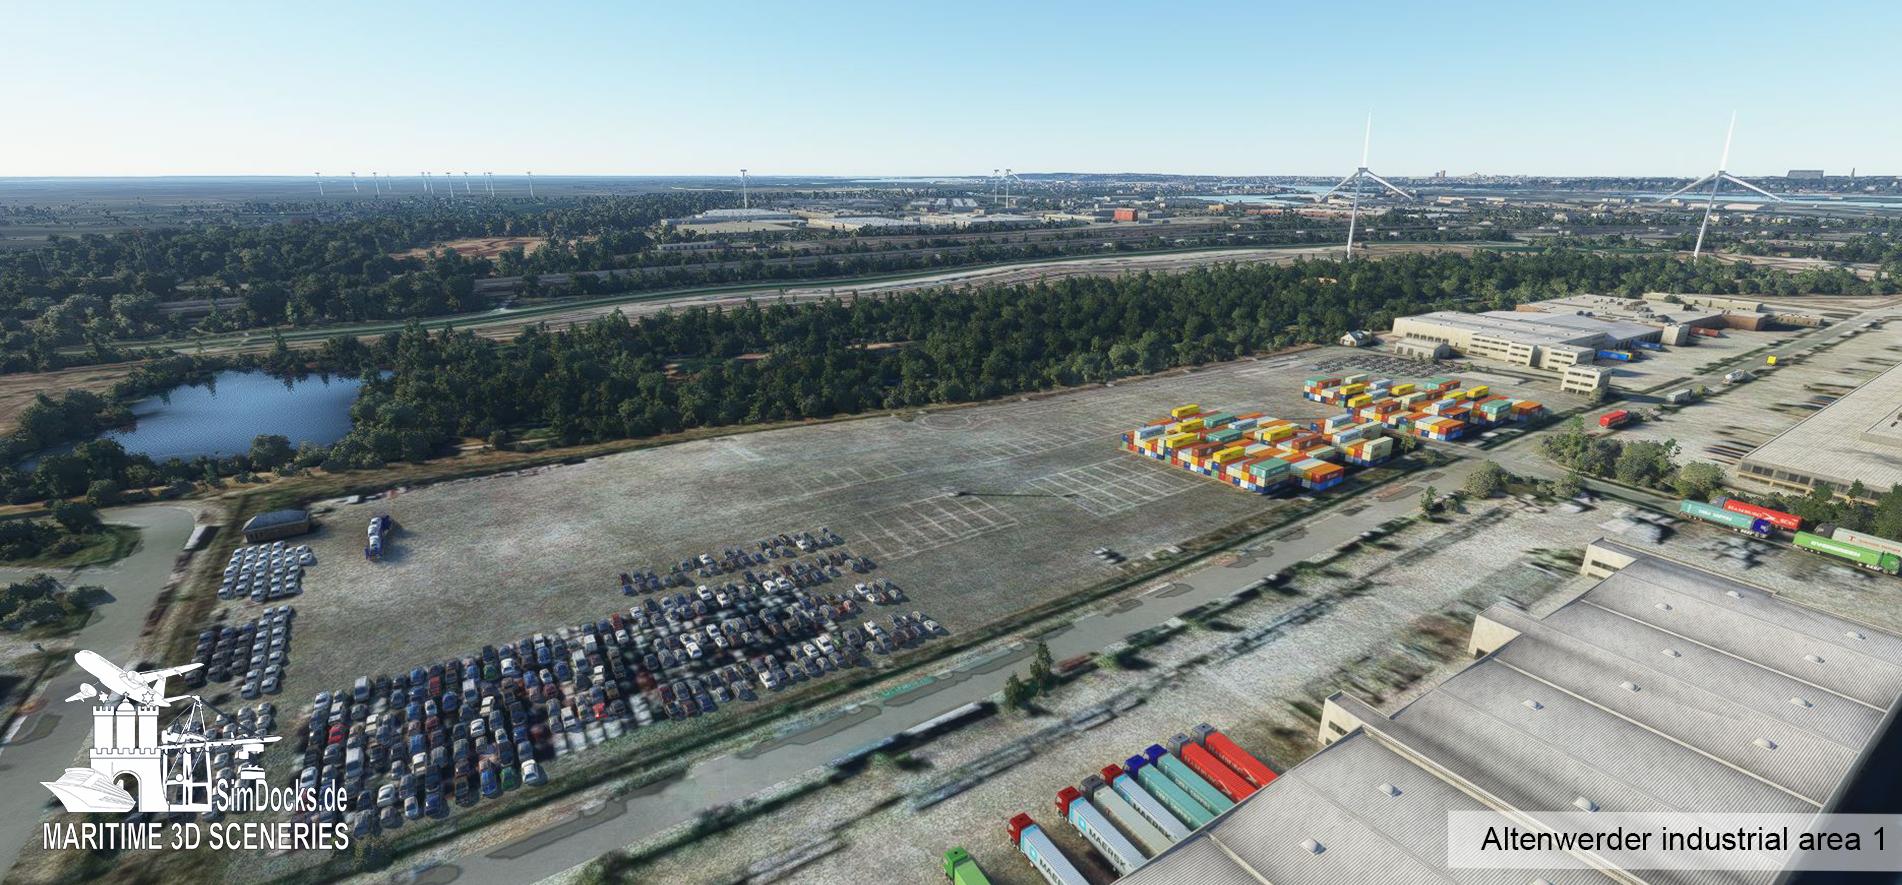 Bild30_Terminal_Altenwerder_Industrie1_Tag.JPG